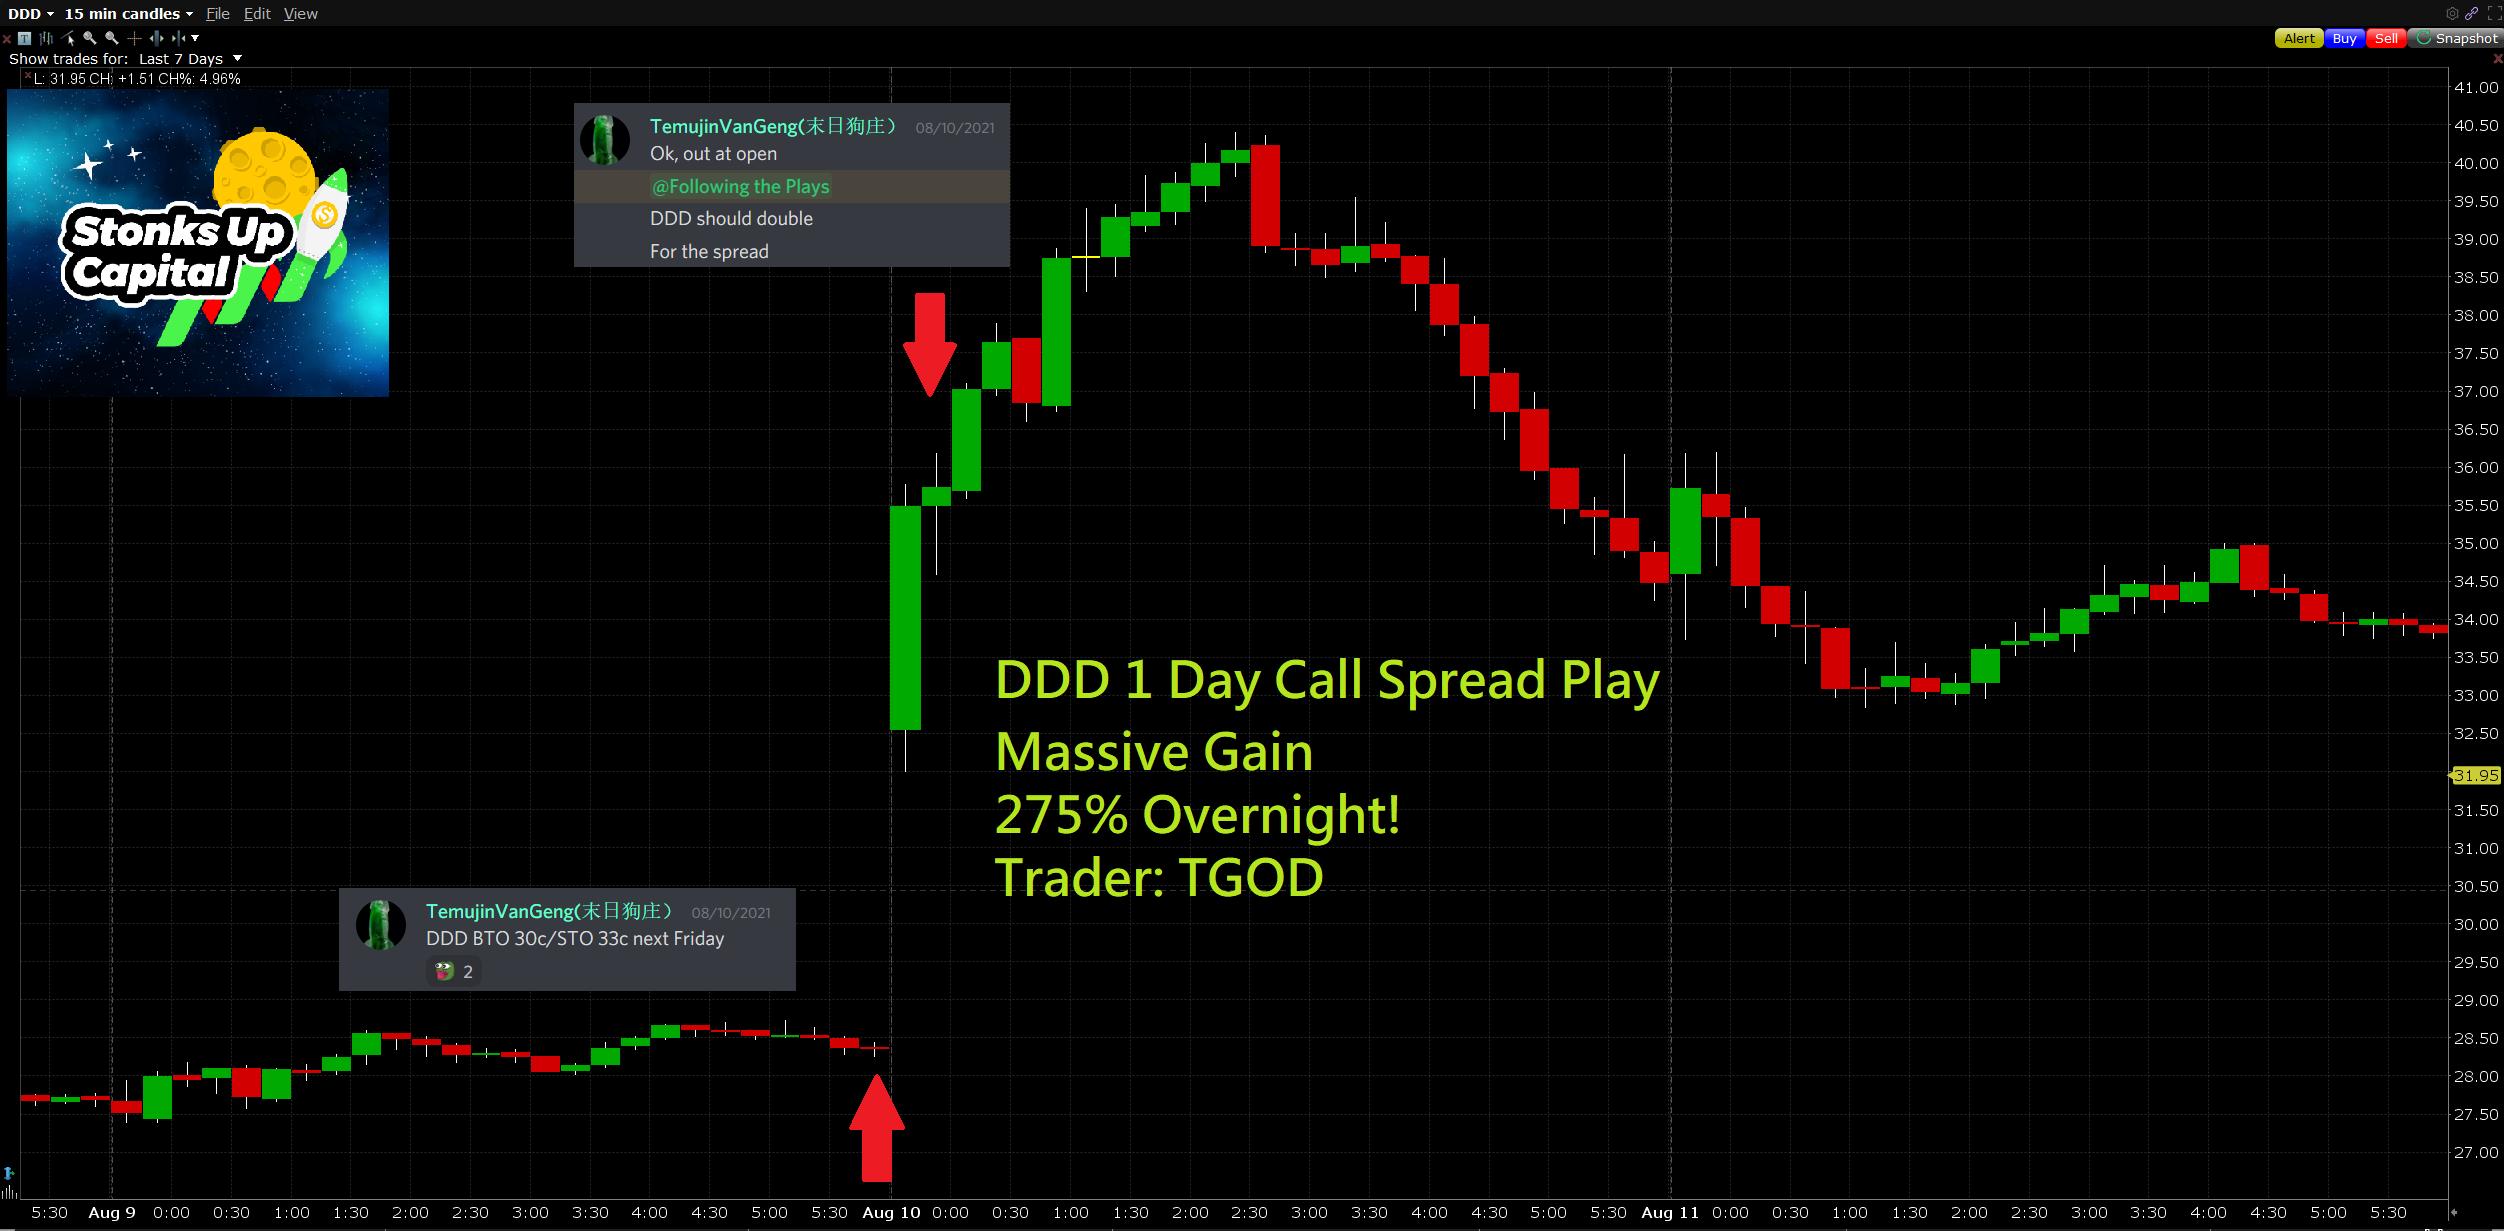 Aug. 9, 2021 $DDD